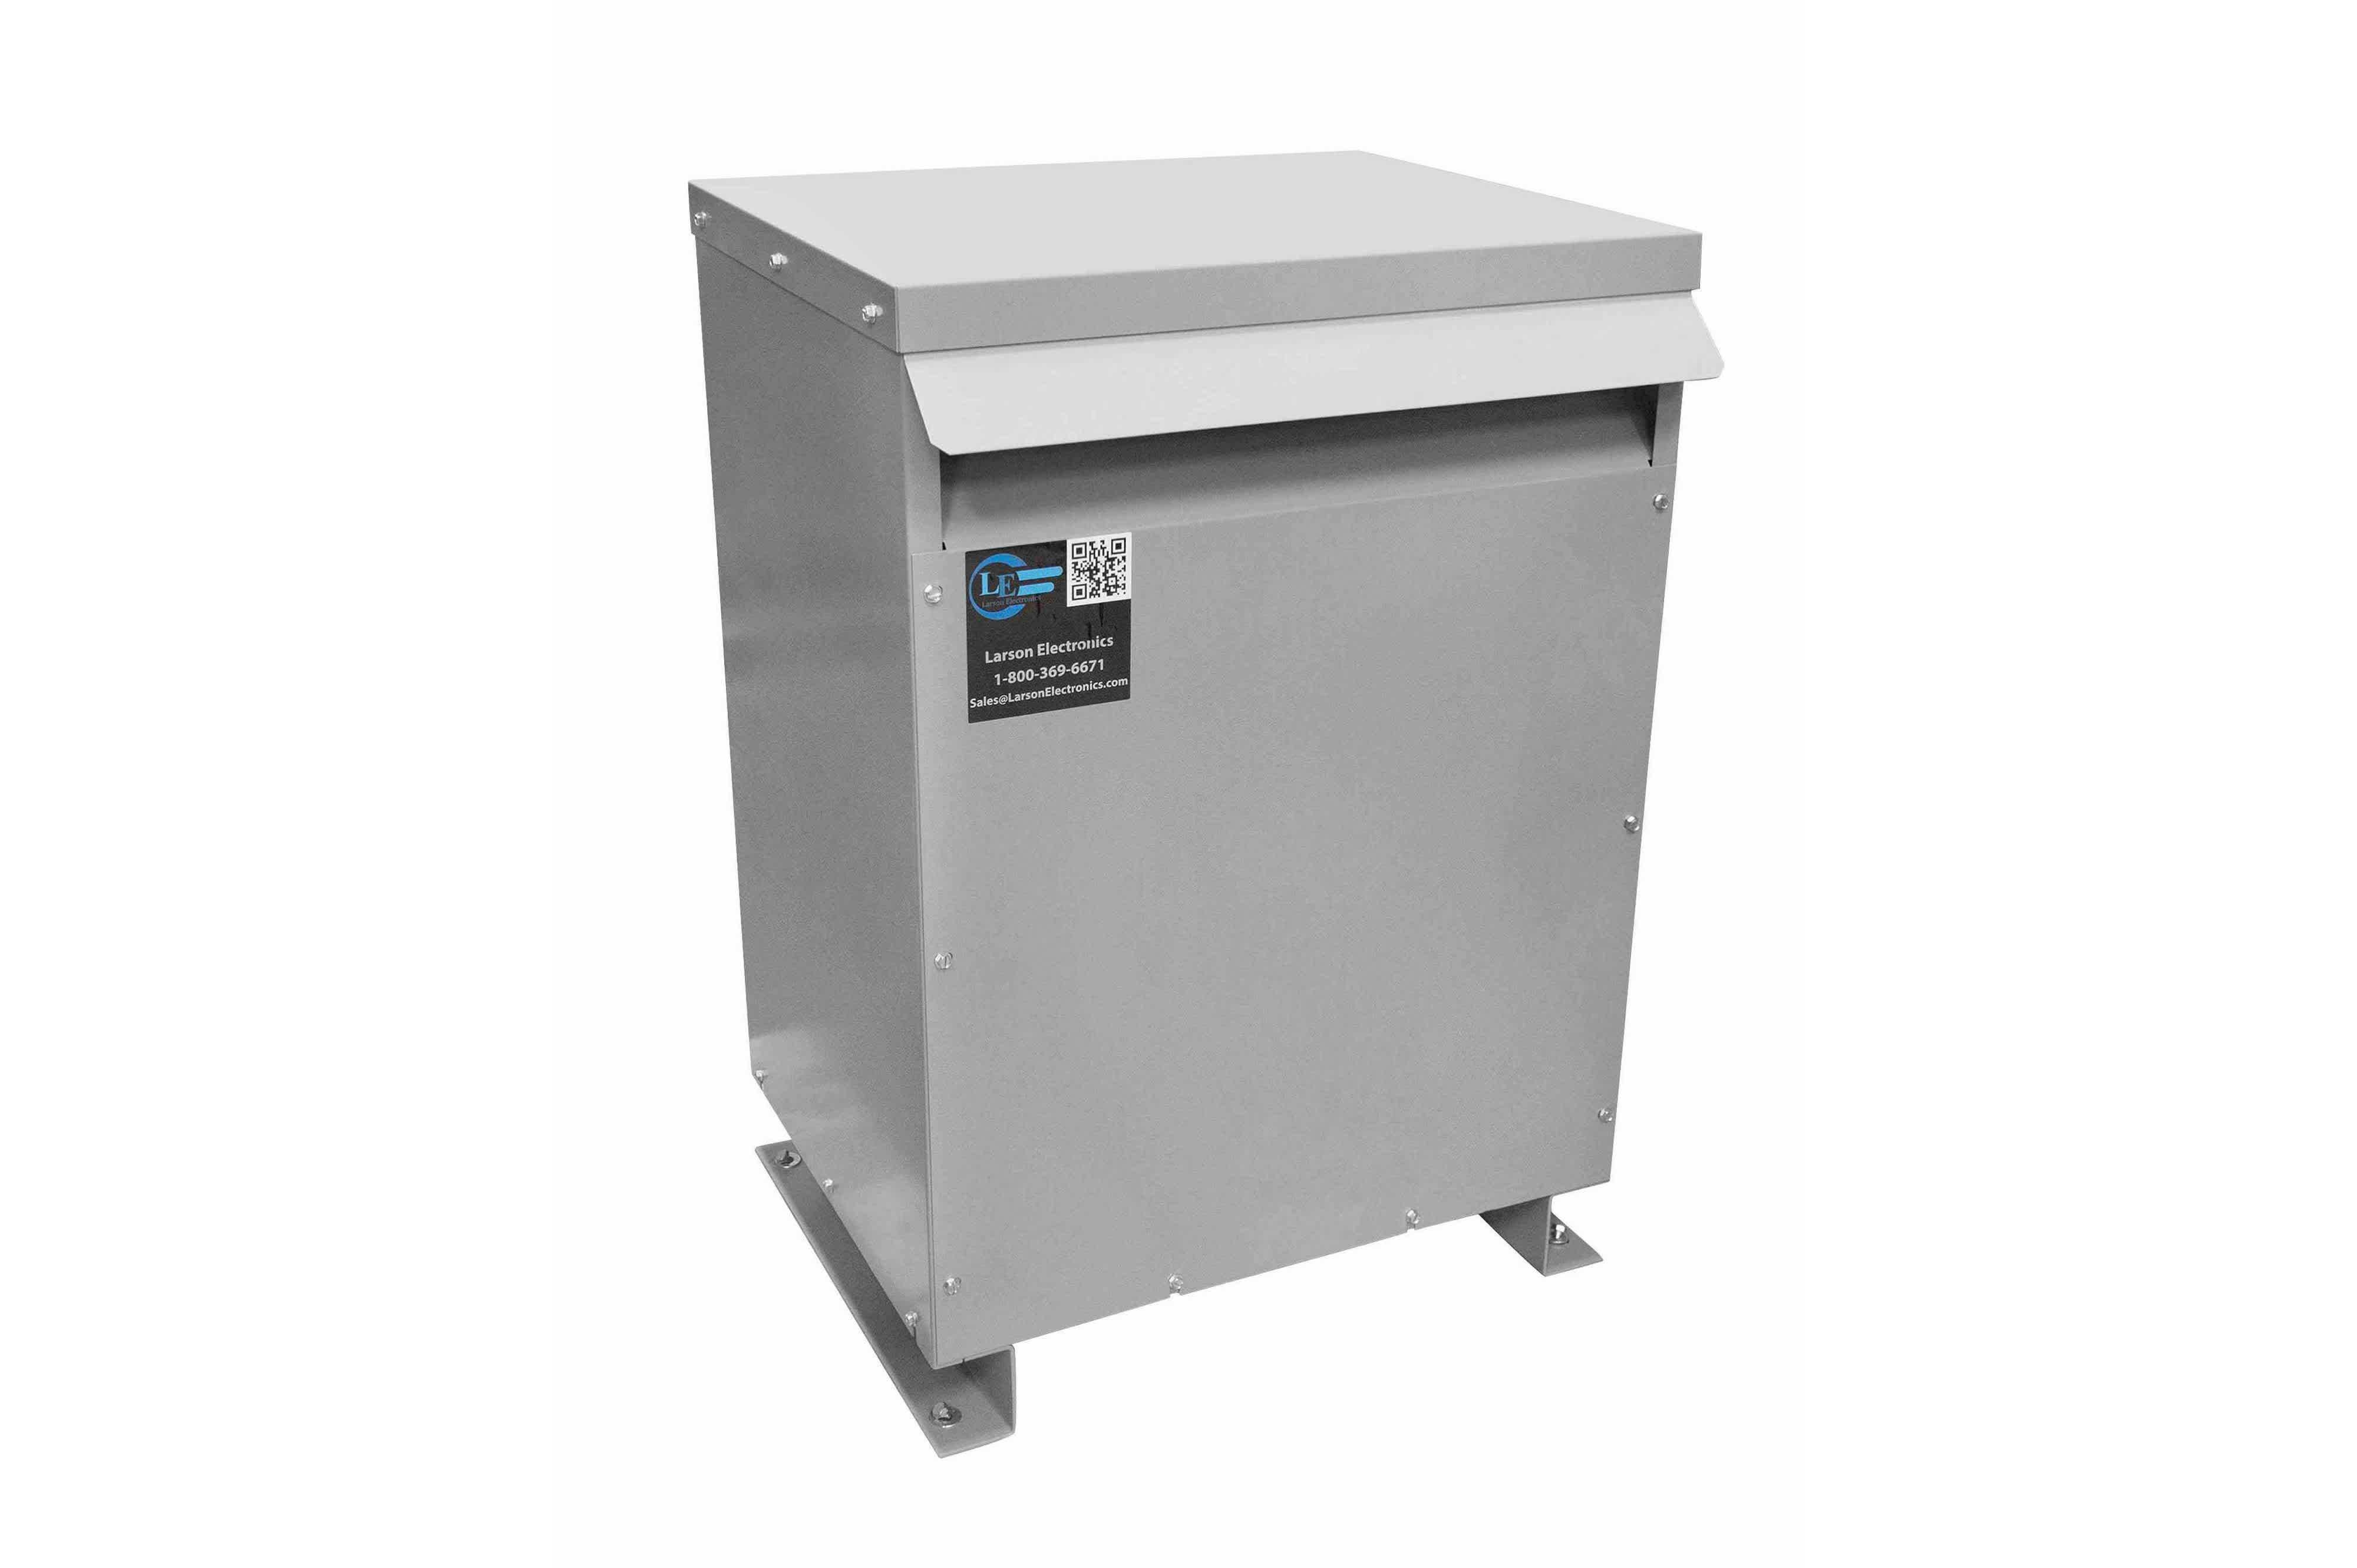 35 kVA 3PH Isolation Transformer, 208V Delta Primary, 208V Delta Secondary, N3R, Ventilated, 60 Hz